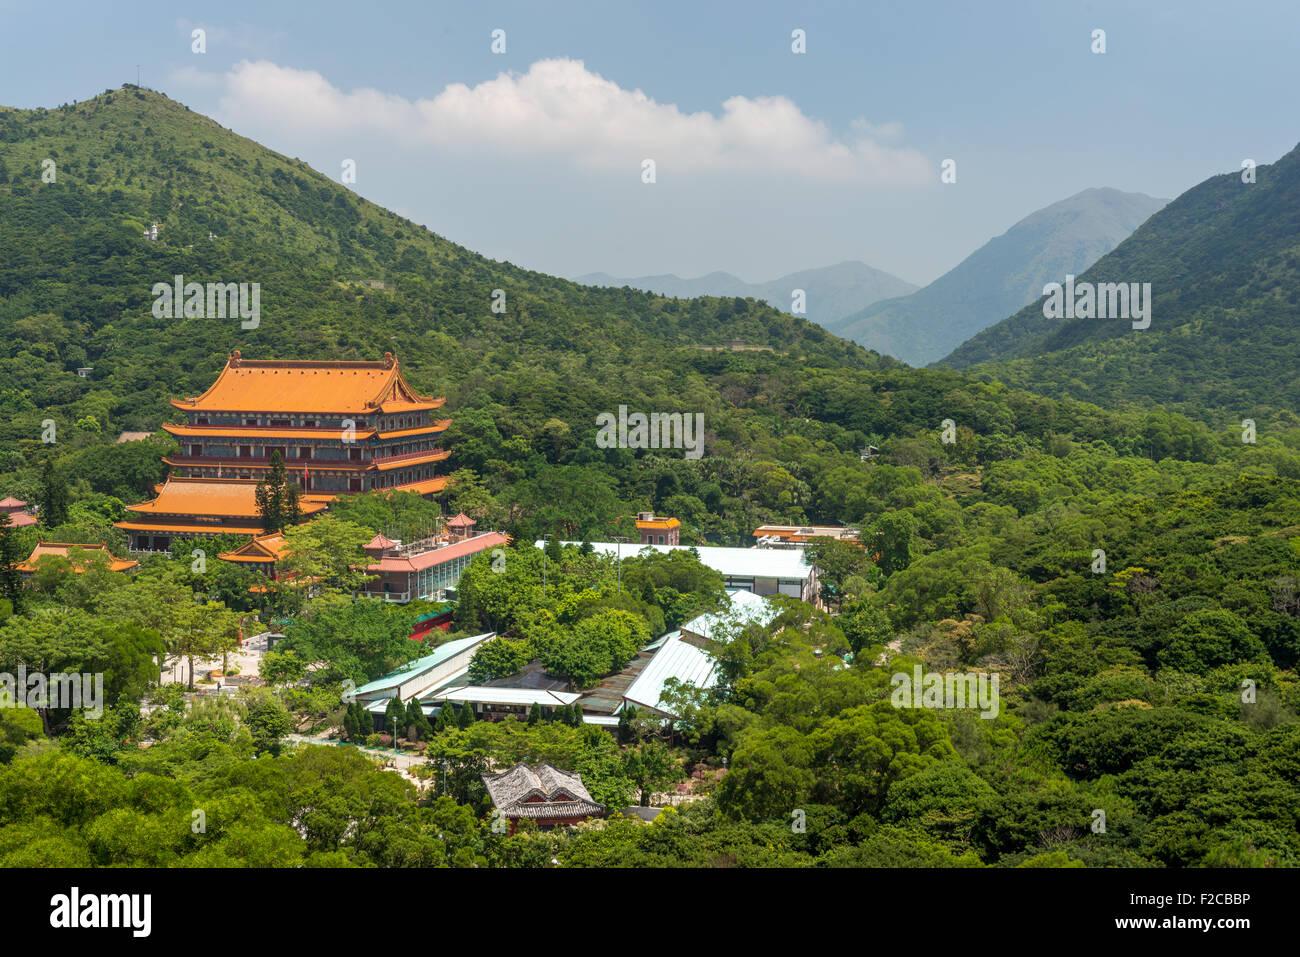 Tian Tan buddhist monastery at Ngong Ping village on Lantau island in Hong Kong SAR - Stock Image